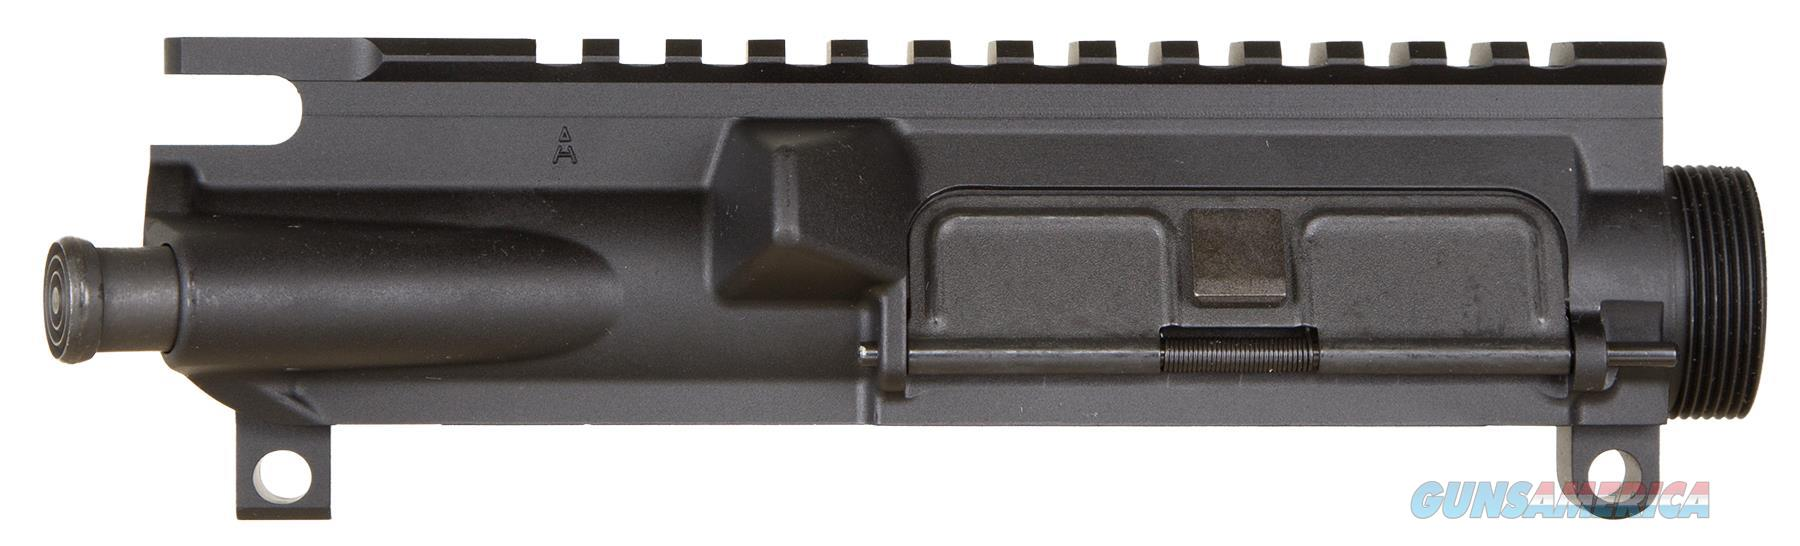 Cmmg 55Ba22c Ar Mk4 Upper Receiver Assembly Ar-15 .223 7075 T6 Aluminum Black 55BA22C  Non-Guns > Gun Parts > Misc > Rifles